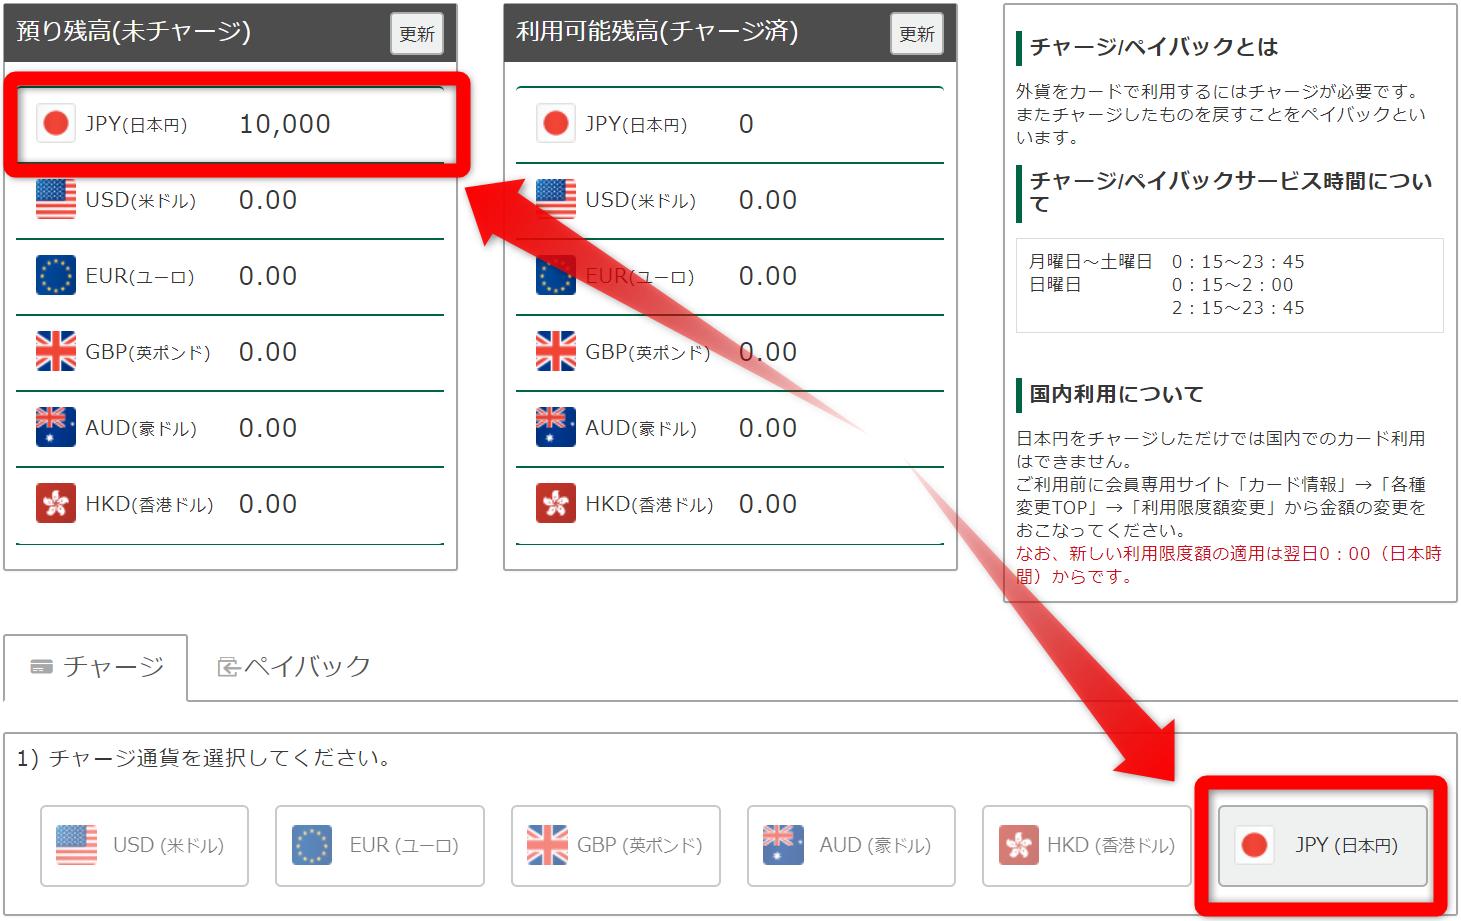 マネパカードで日本円にチャージする